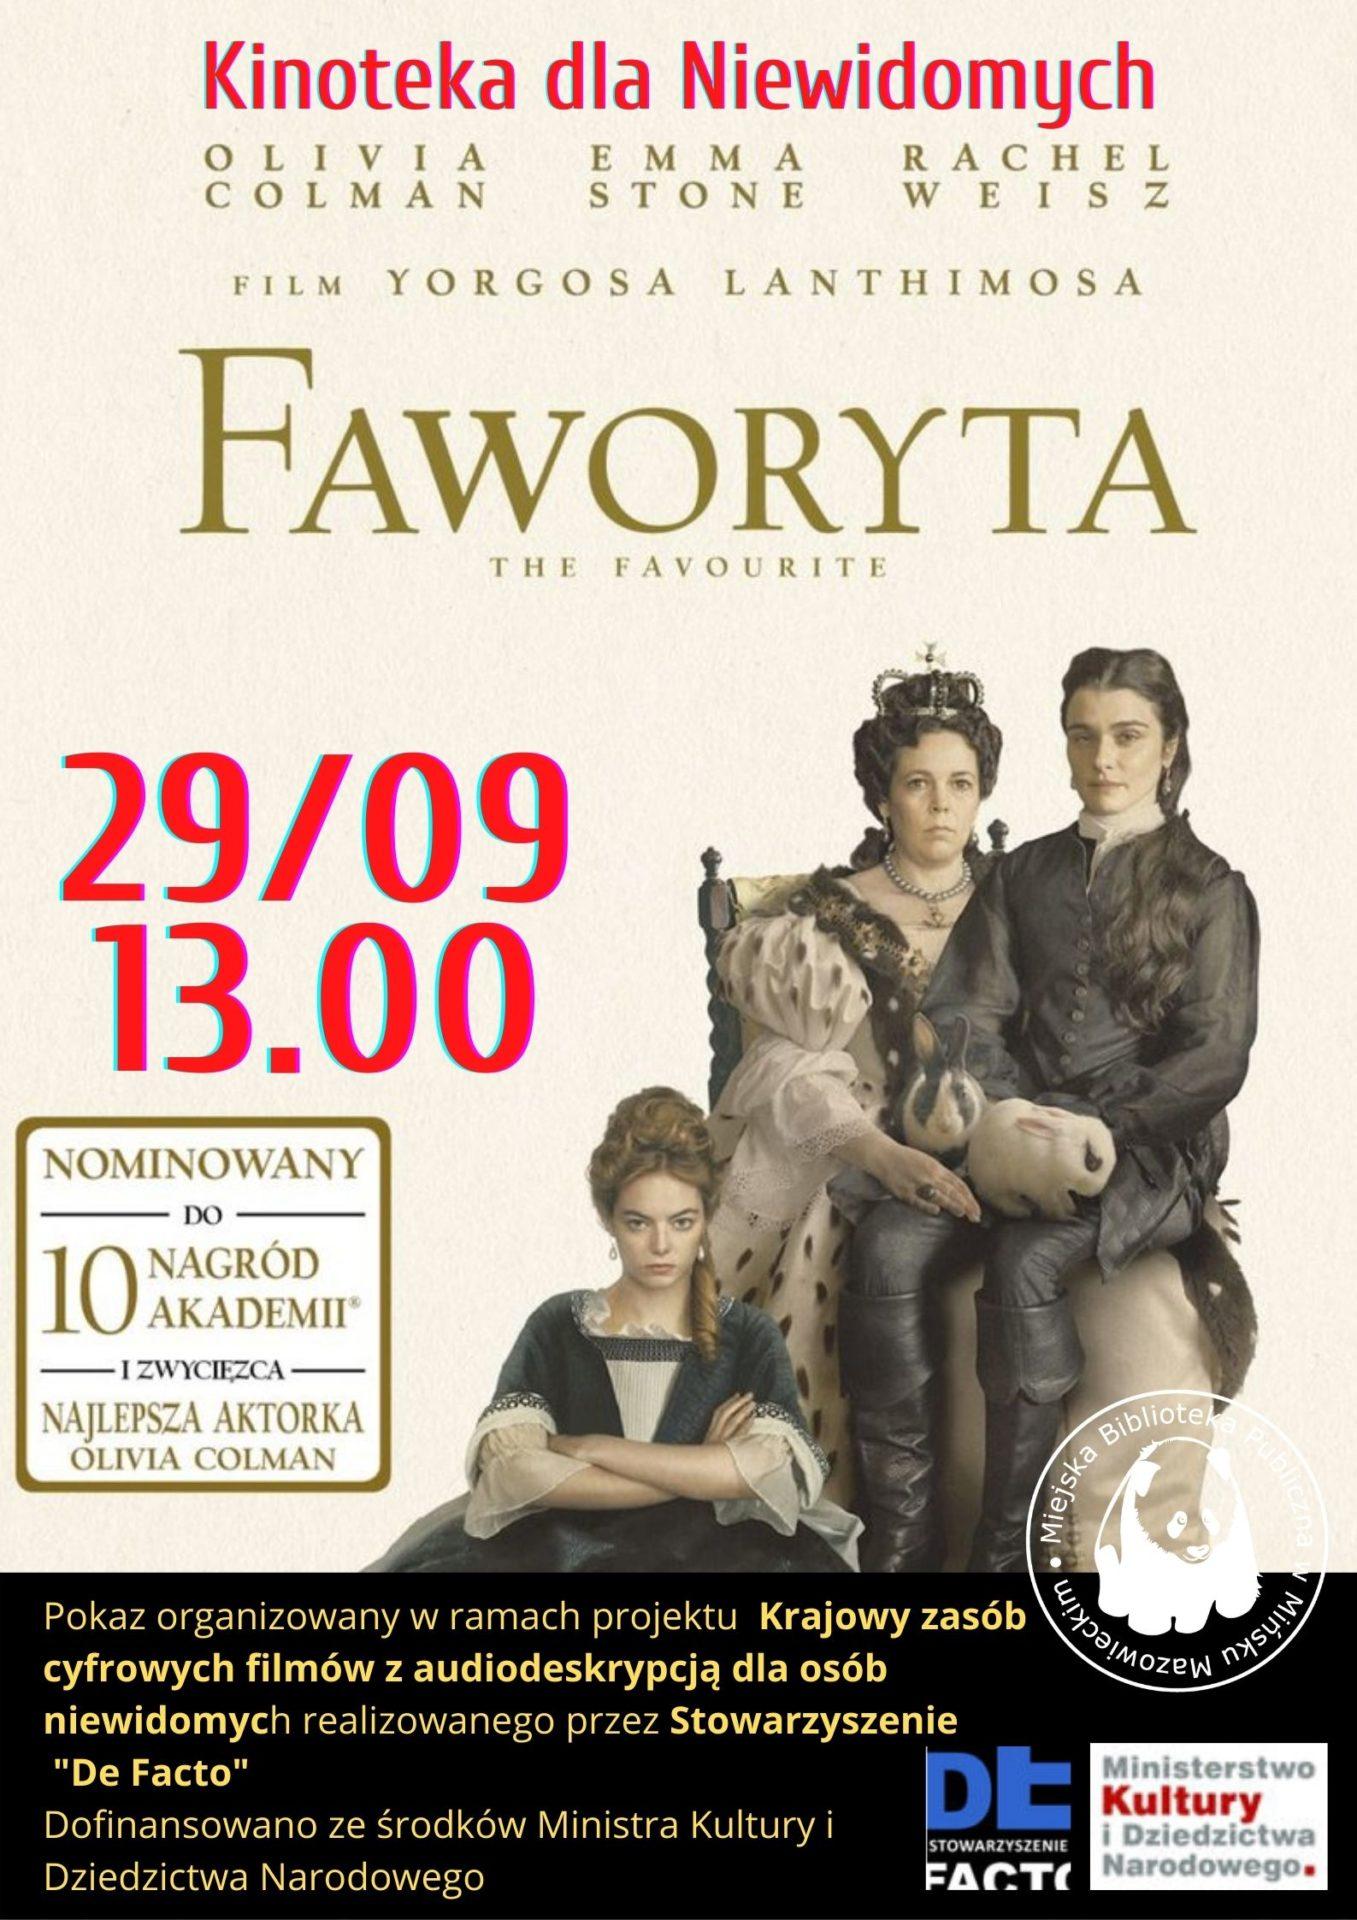 trzy kobiety w strojach kostiumowych i fryzurach z epoki, jedna jest królową trzyma na kolanach kobietę w spodniach, trzecia siedzi ponizej z założonymi rękamidwie